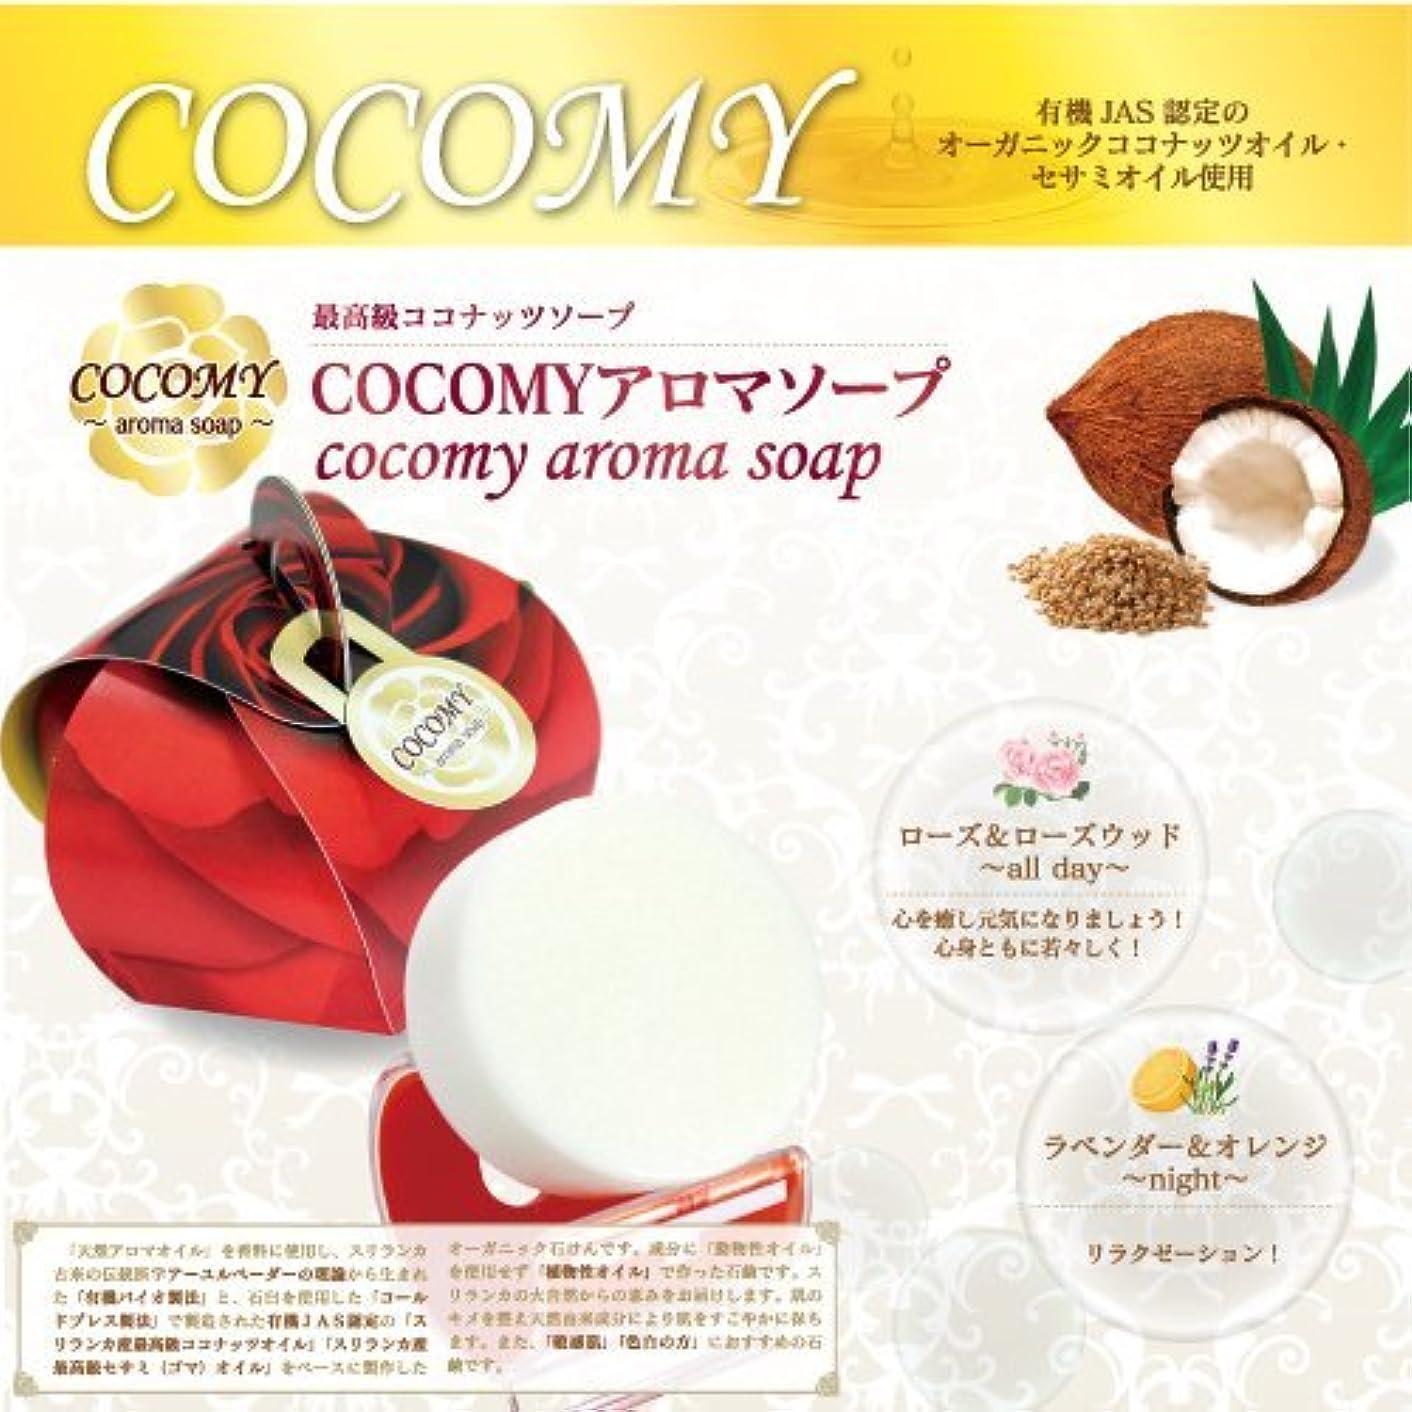 最大のもう一度バクテリアCOCOMY aromaソープ 4個セット (ラベンダー&オレンジ)(ローズ&ローズウッド) 40g×各2